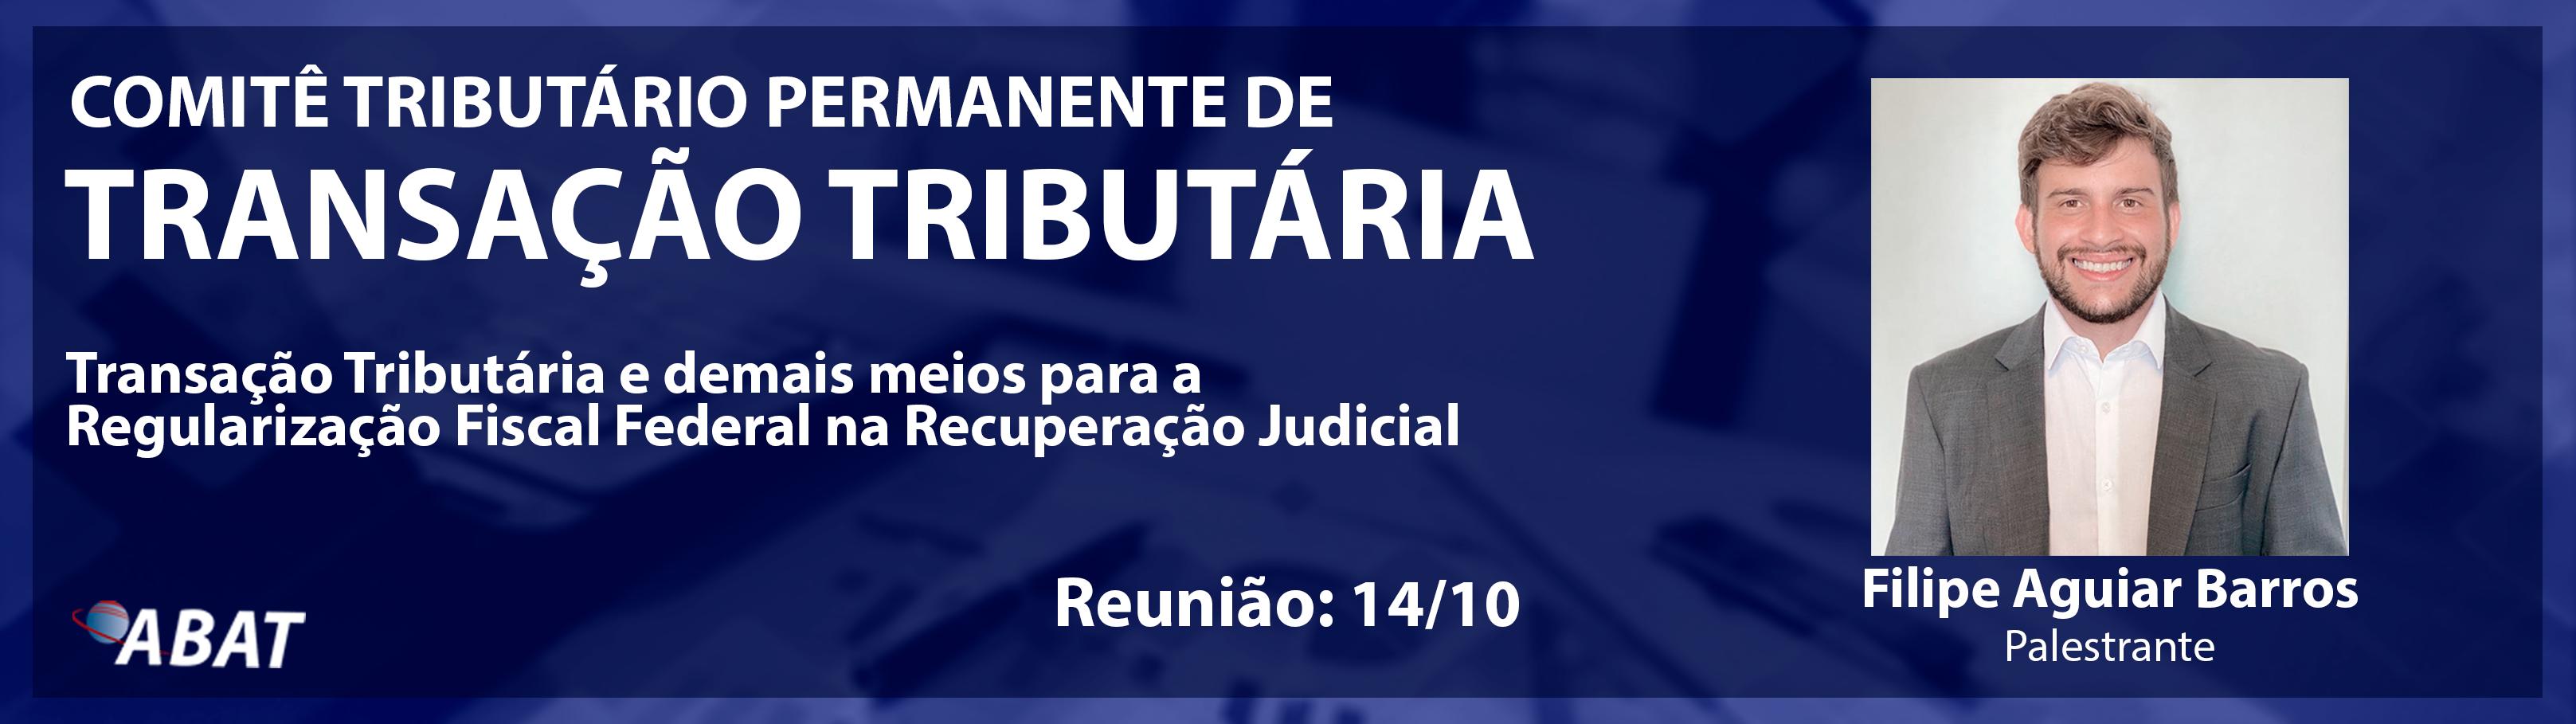 BANNER-HOME-14.10-FILIPE-AGUIAR-DE-BARROS-COMITÊ-TRIBUTÁRIO-PERMANENTE-DE-TRANSAÇÃO-TRIBUTÁRIA